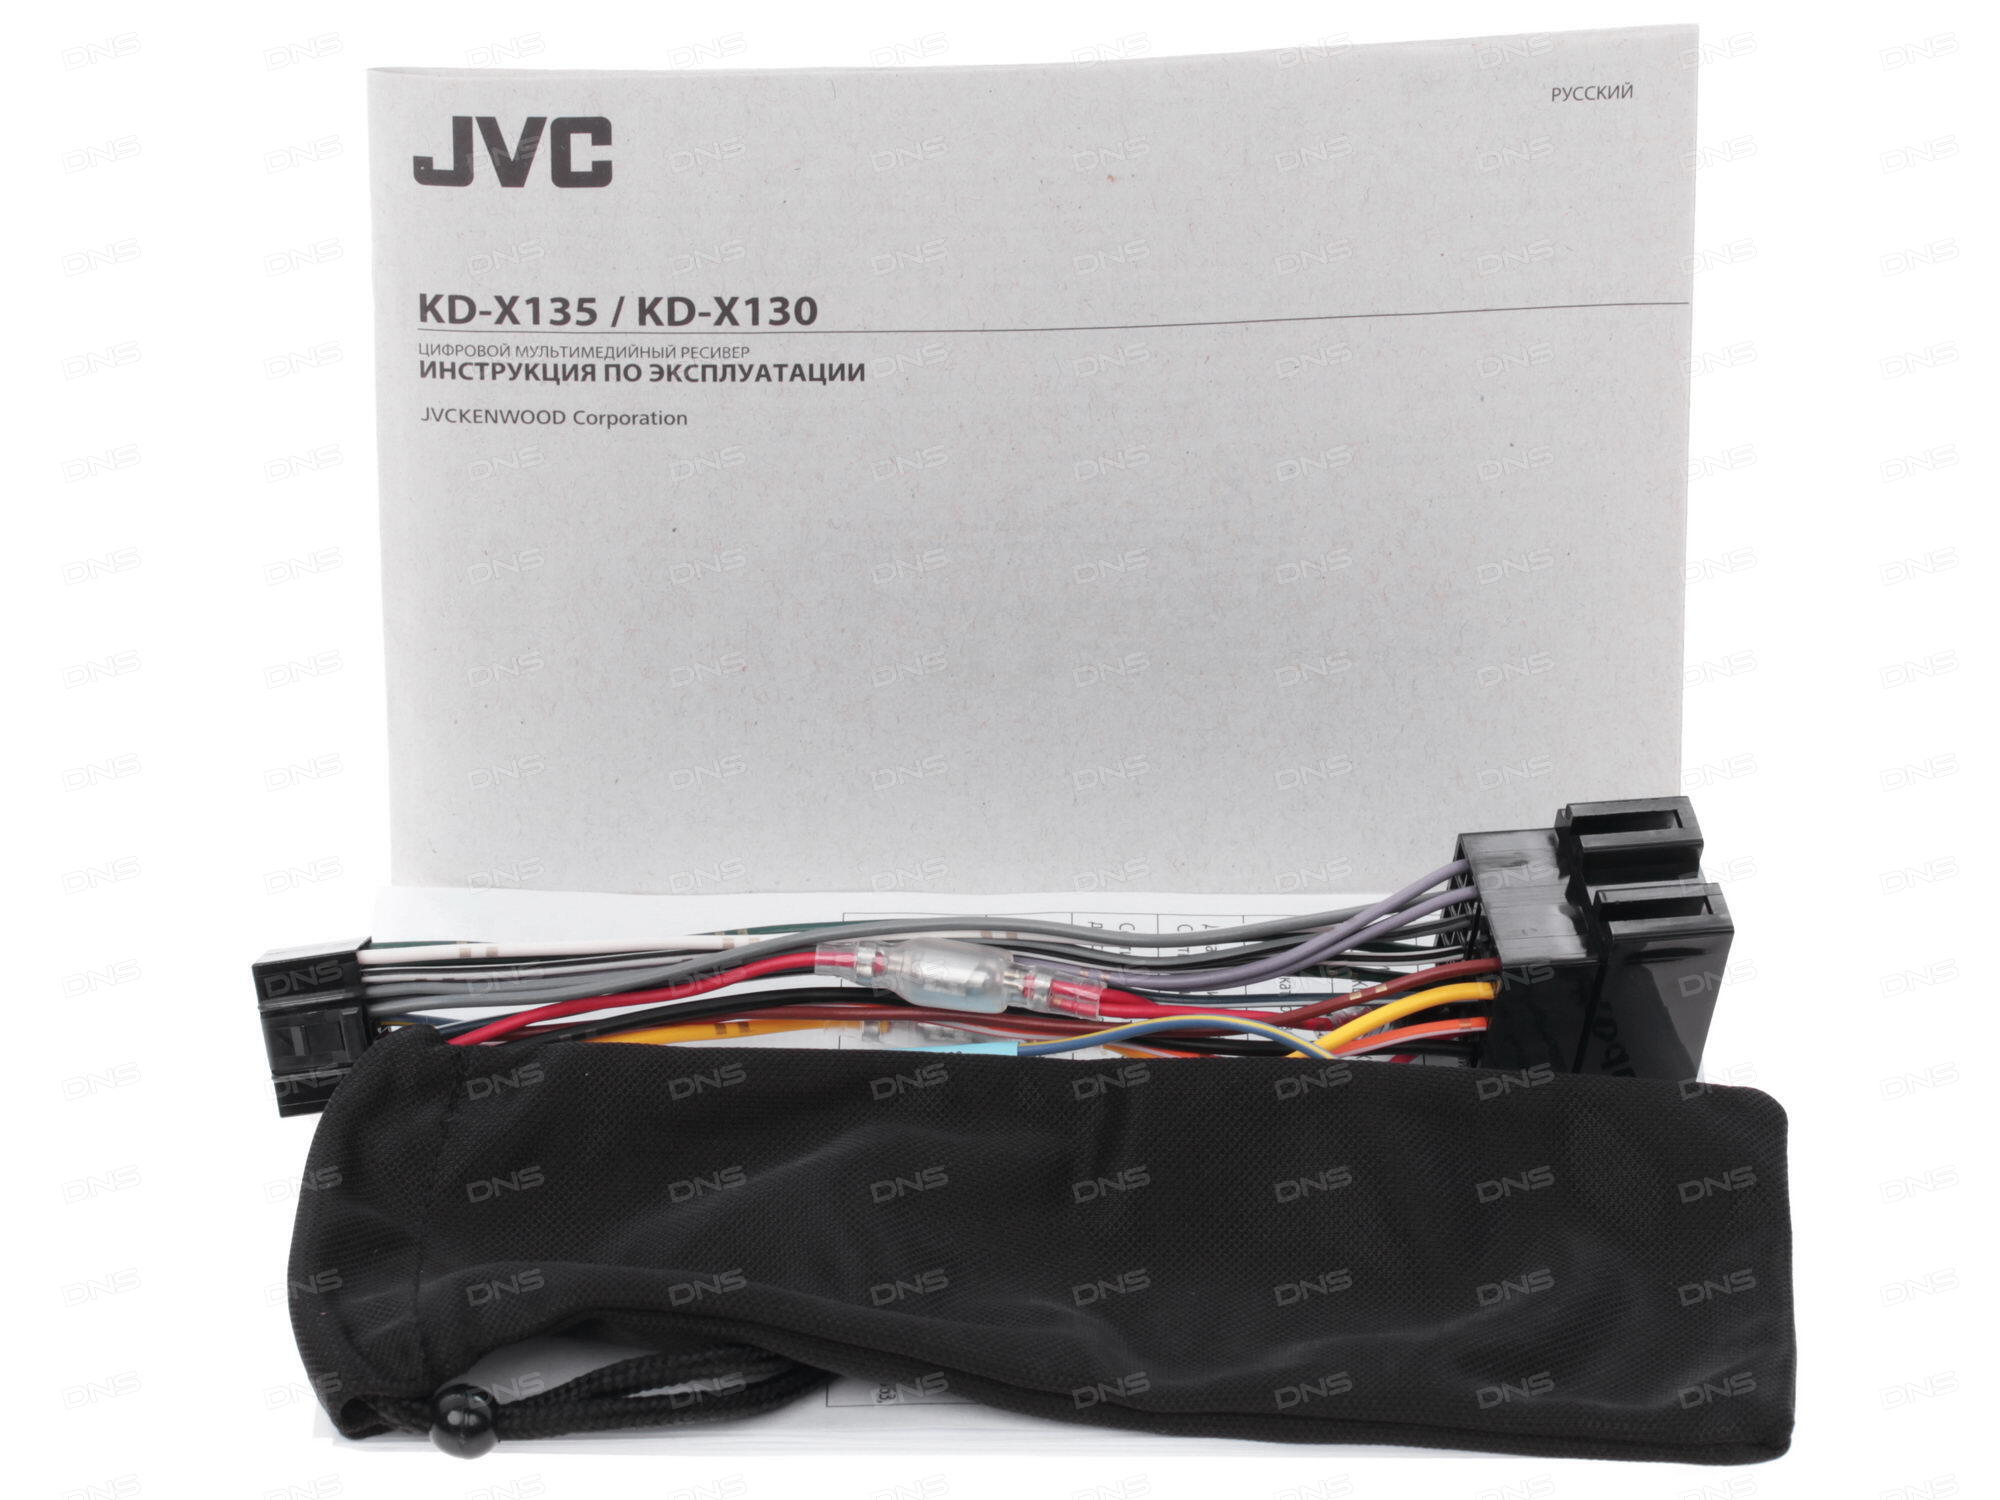 jvc kd-x130 инструкция подключение